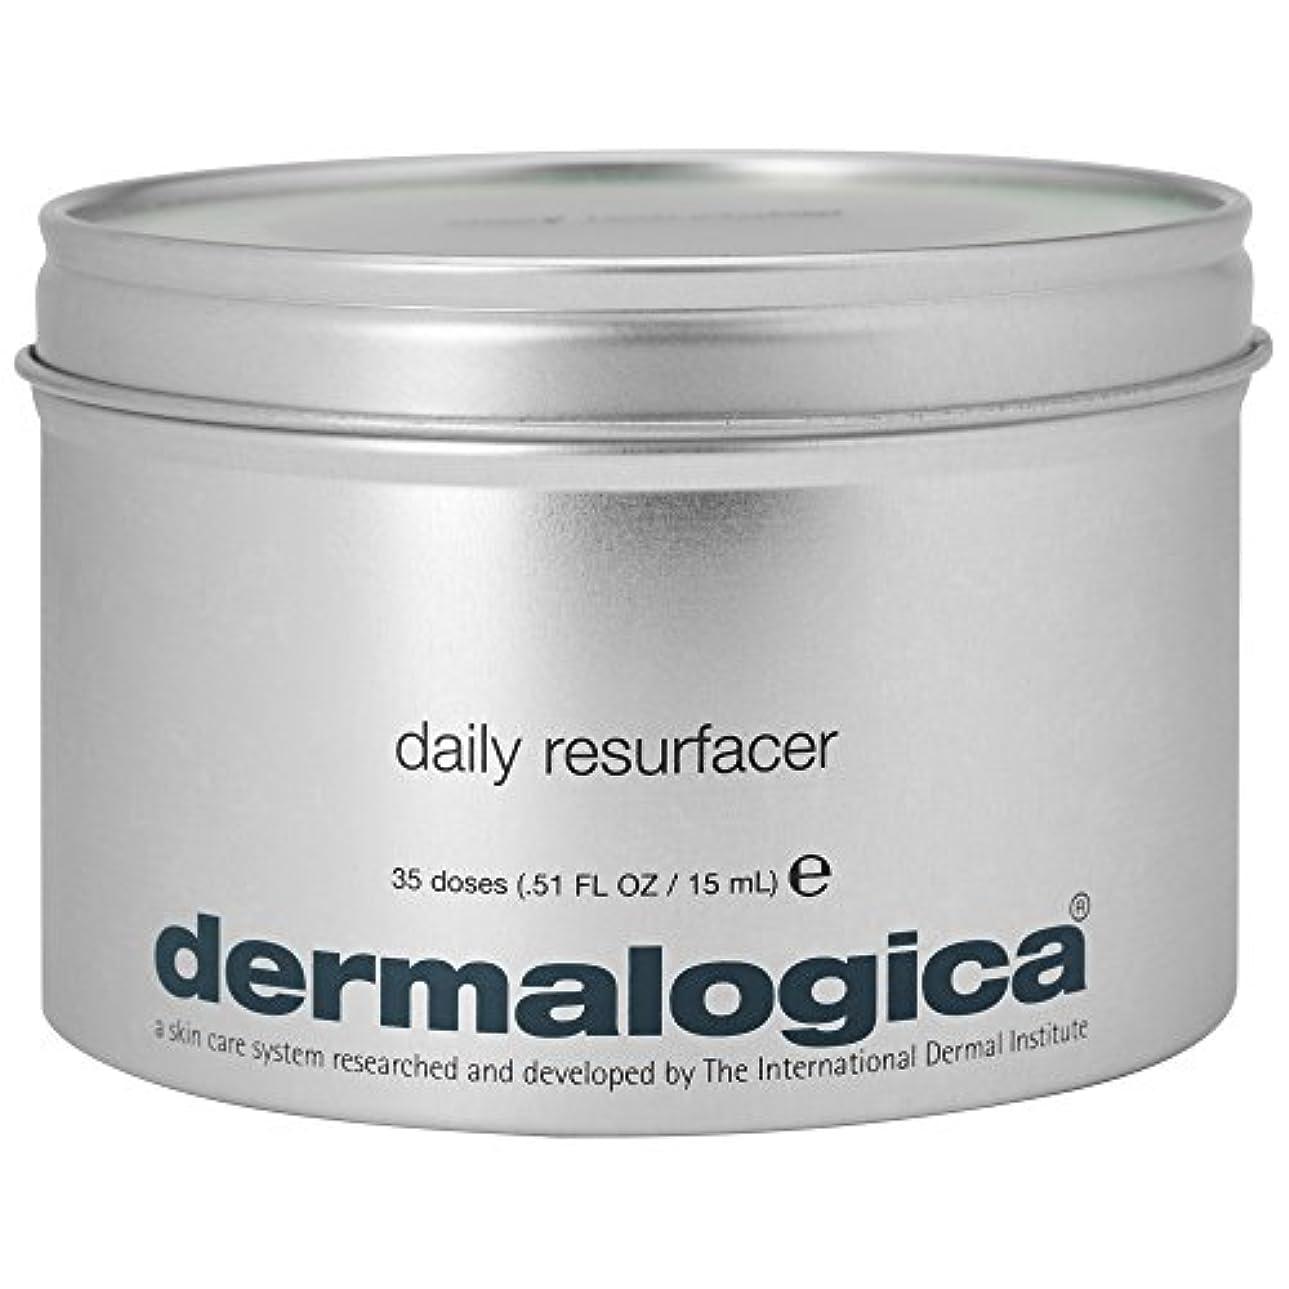 かすれたスロー制限する35のダーマロジカ毎日Resurfacerパック (Dermalogica) (x2) - Dermalogica Daily Resurfacer Pack of 35 (Pack of 2) [並行輸入品]